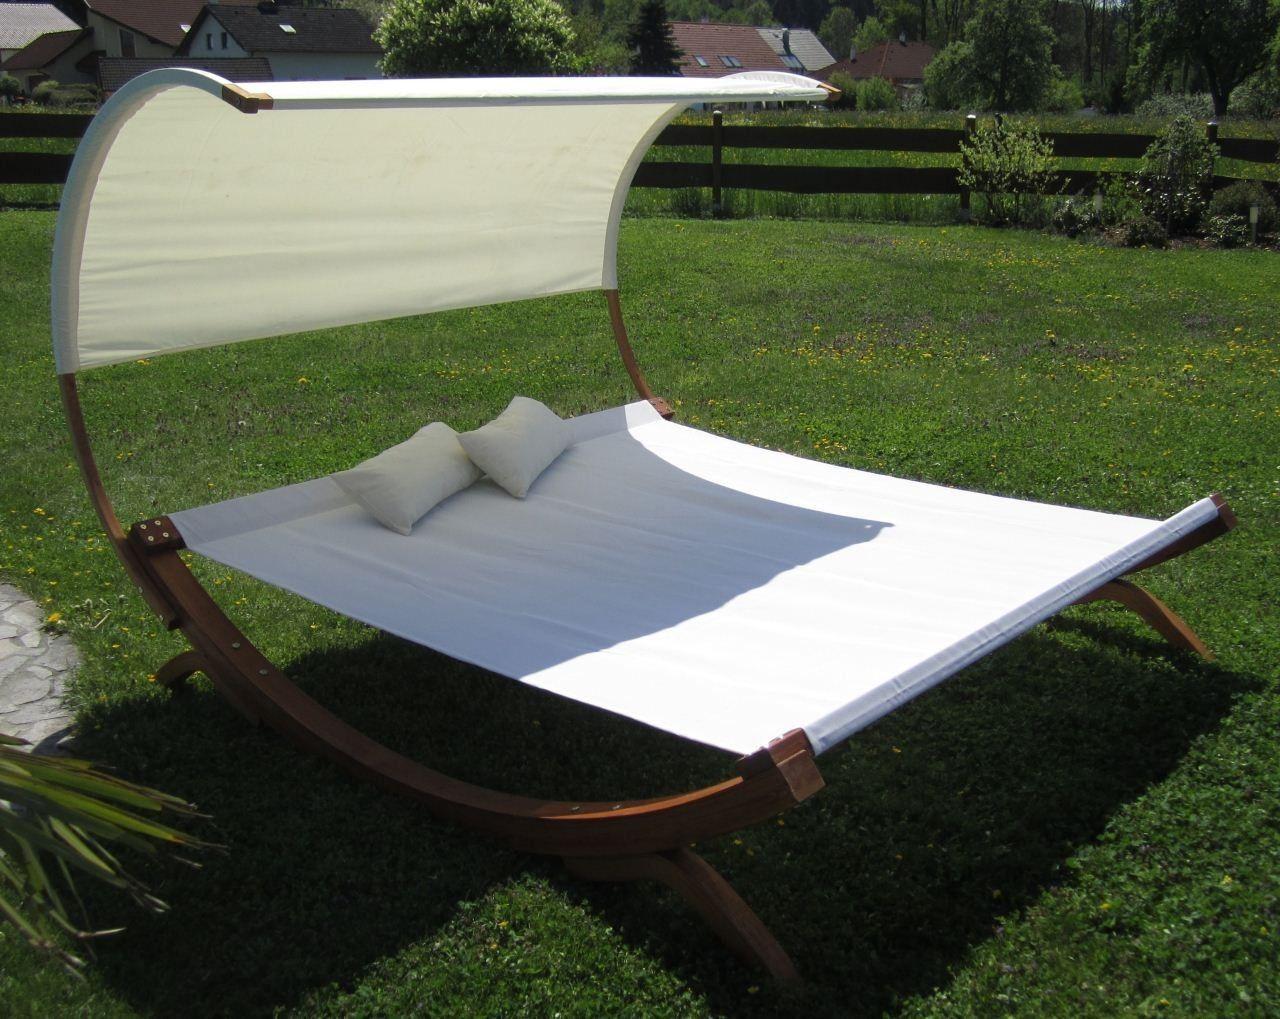 Xxl Sonnenliege Saona Extrabreit Fur 2 Personen Alles Fur Garten Und Terrasse Gartenmobel Sonnenliegen Sonnenliege Gartenliege Doppelliege